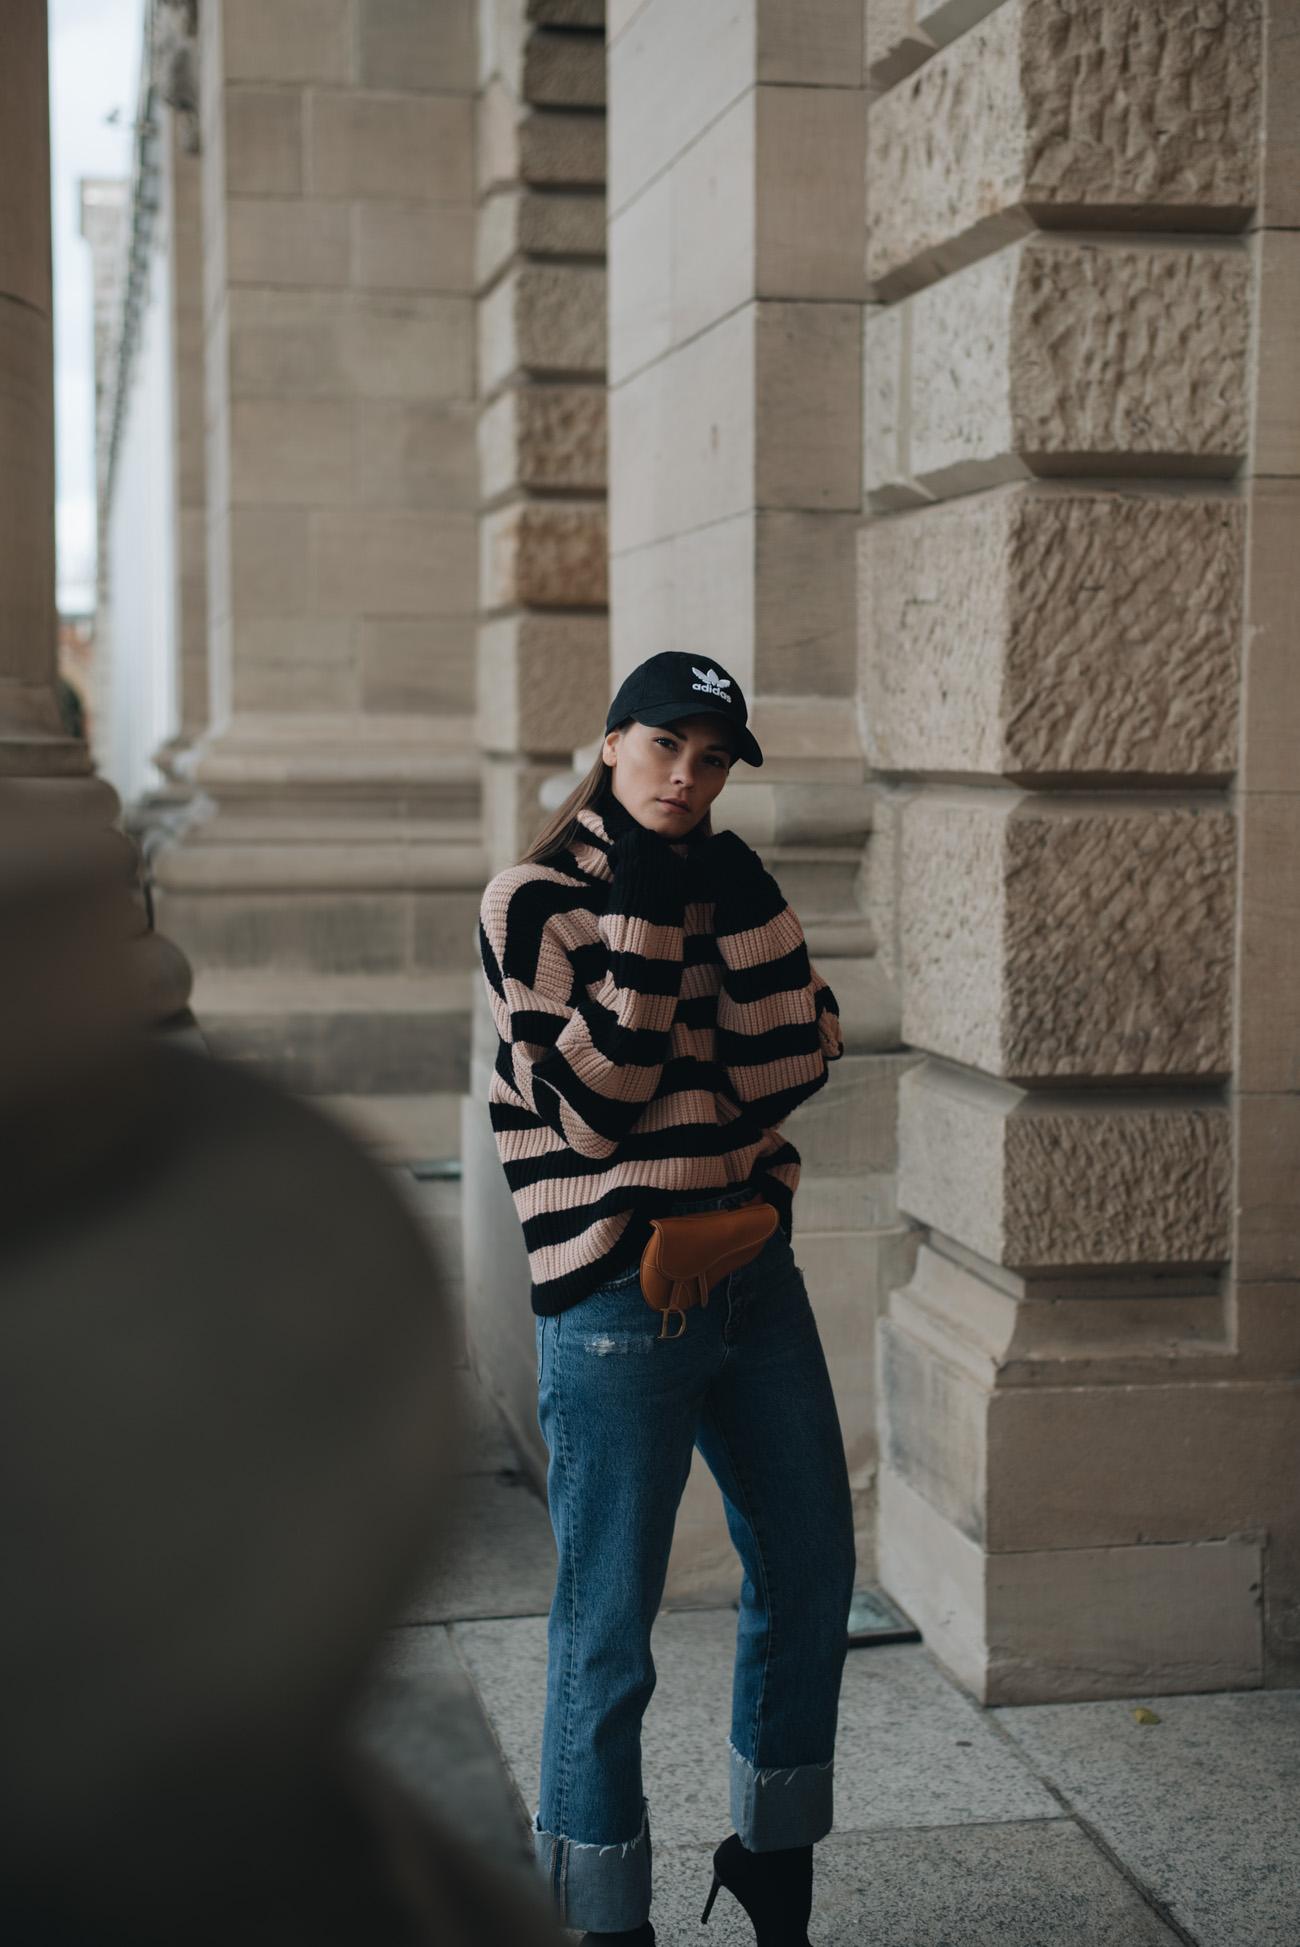 Alltags-Outfit-mit-jeans-und-Strickpullover-adidas-cap-nina-schwichtenberg-mode-bloggerin-fashionblog-fashiioncarpet-deutschland-münchen